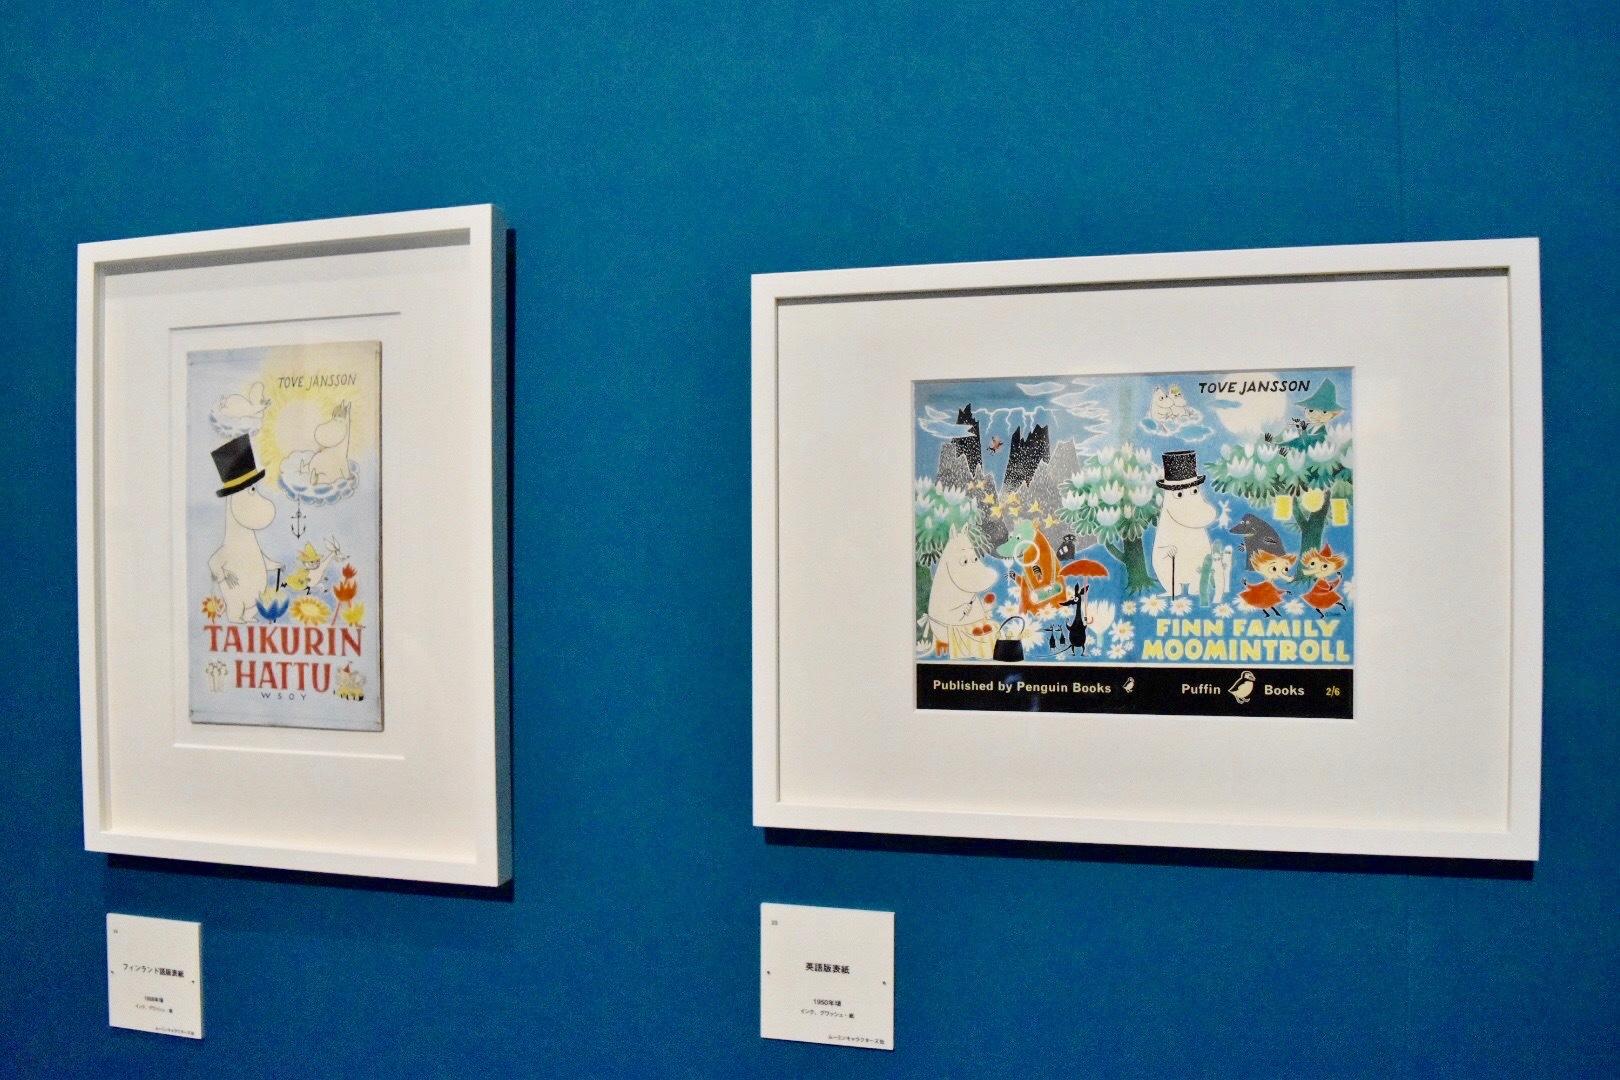 左:フィンランド語版表紙 1958年頃 ムーミンキャラクターズ社 右:英語版表紙 1950年頃 ムーミンキャラクターズ社